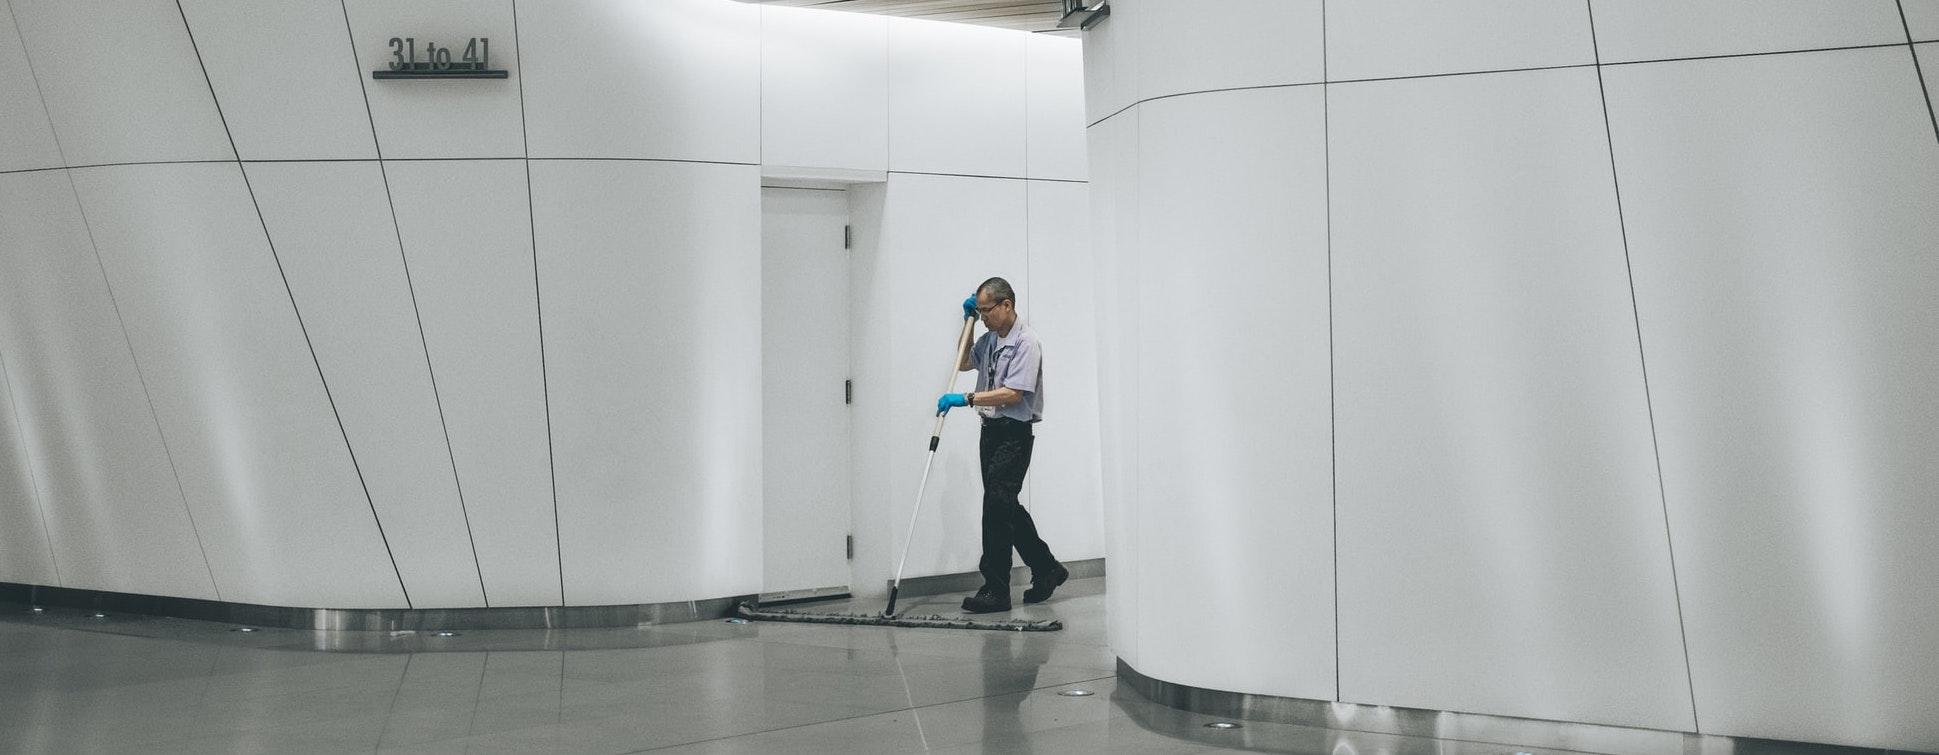 Employes salarisadministratie ICT-bedrijven